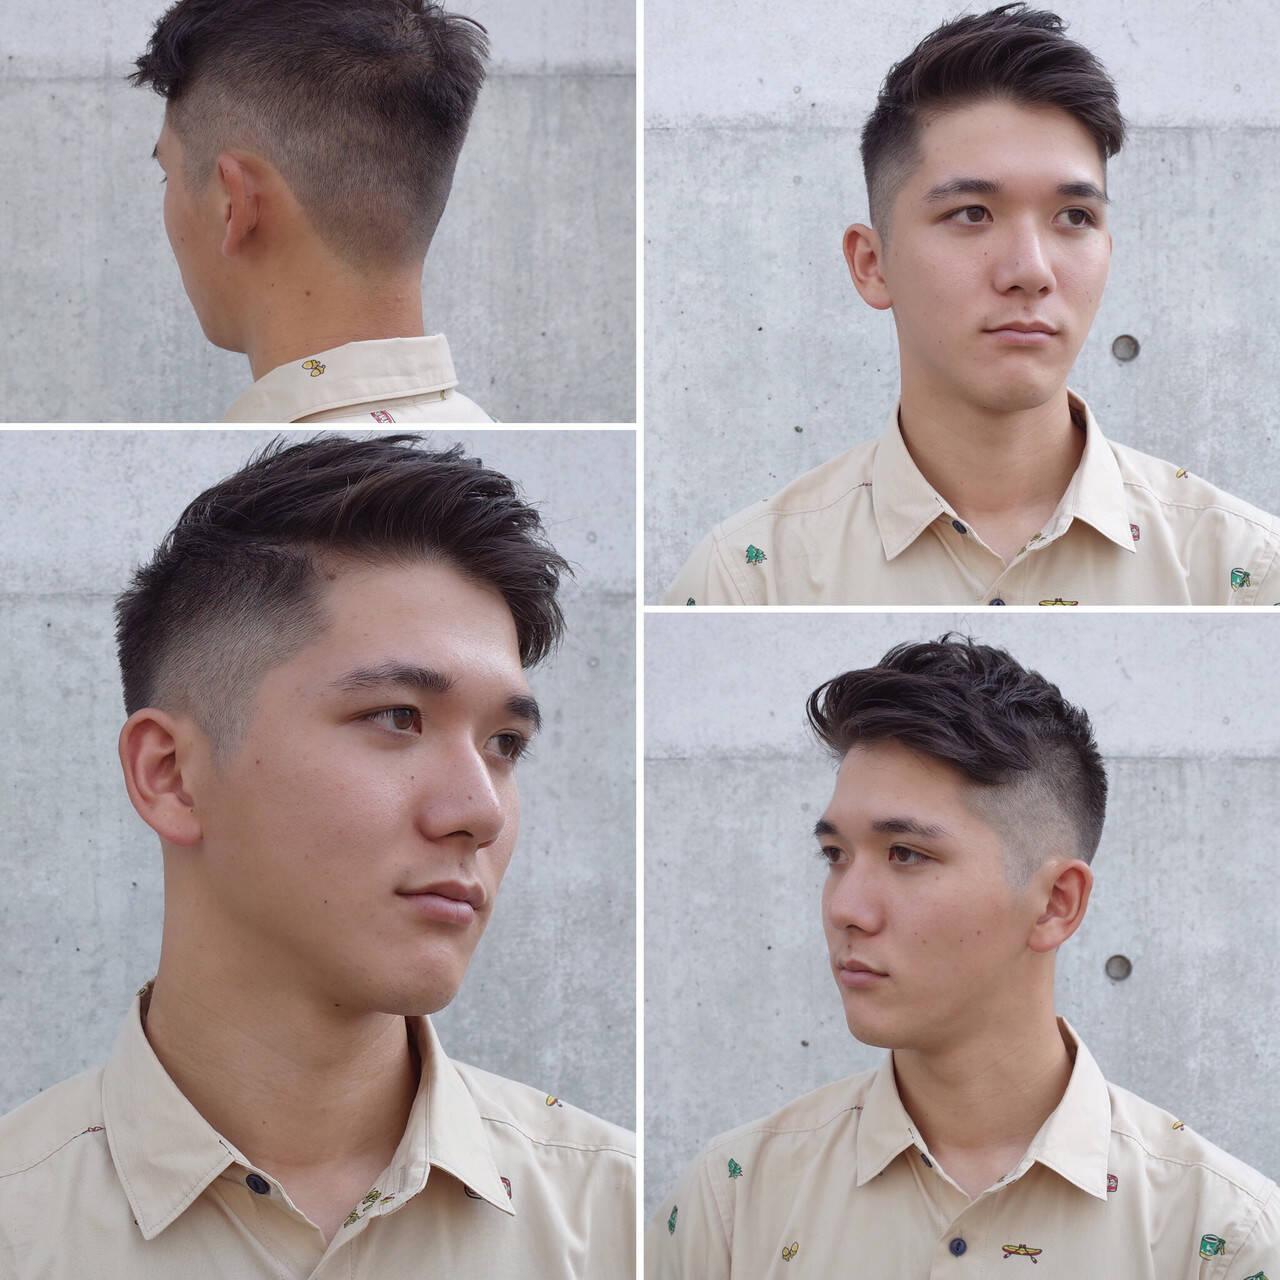 刈り上げ メンズ メンズヘア ショートヘアスタイルや髪型の写真・画像